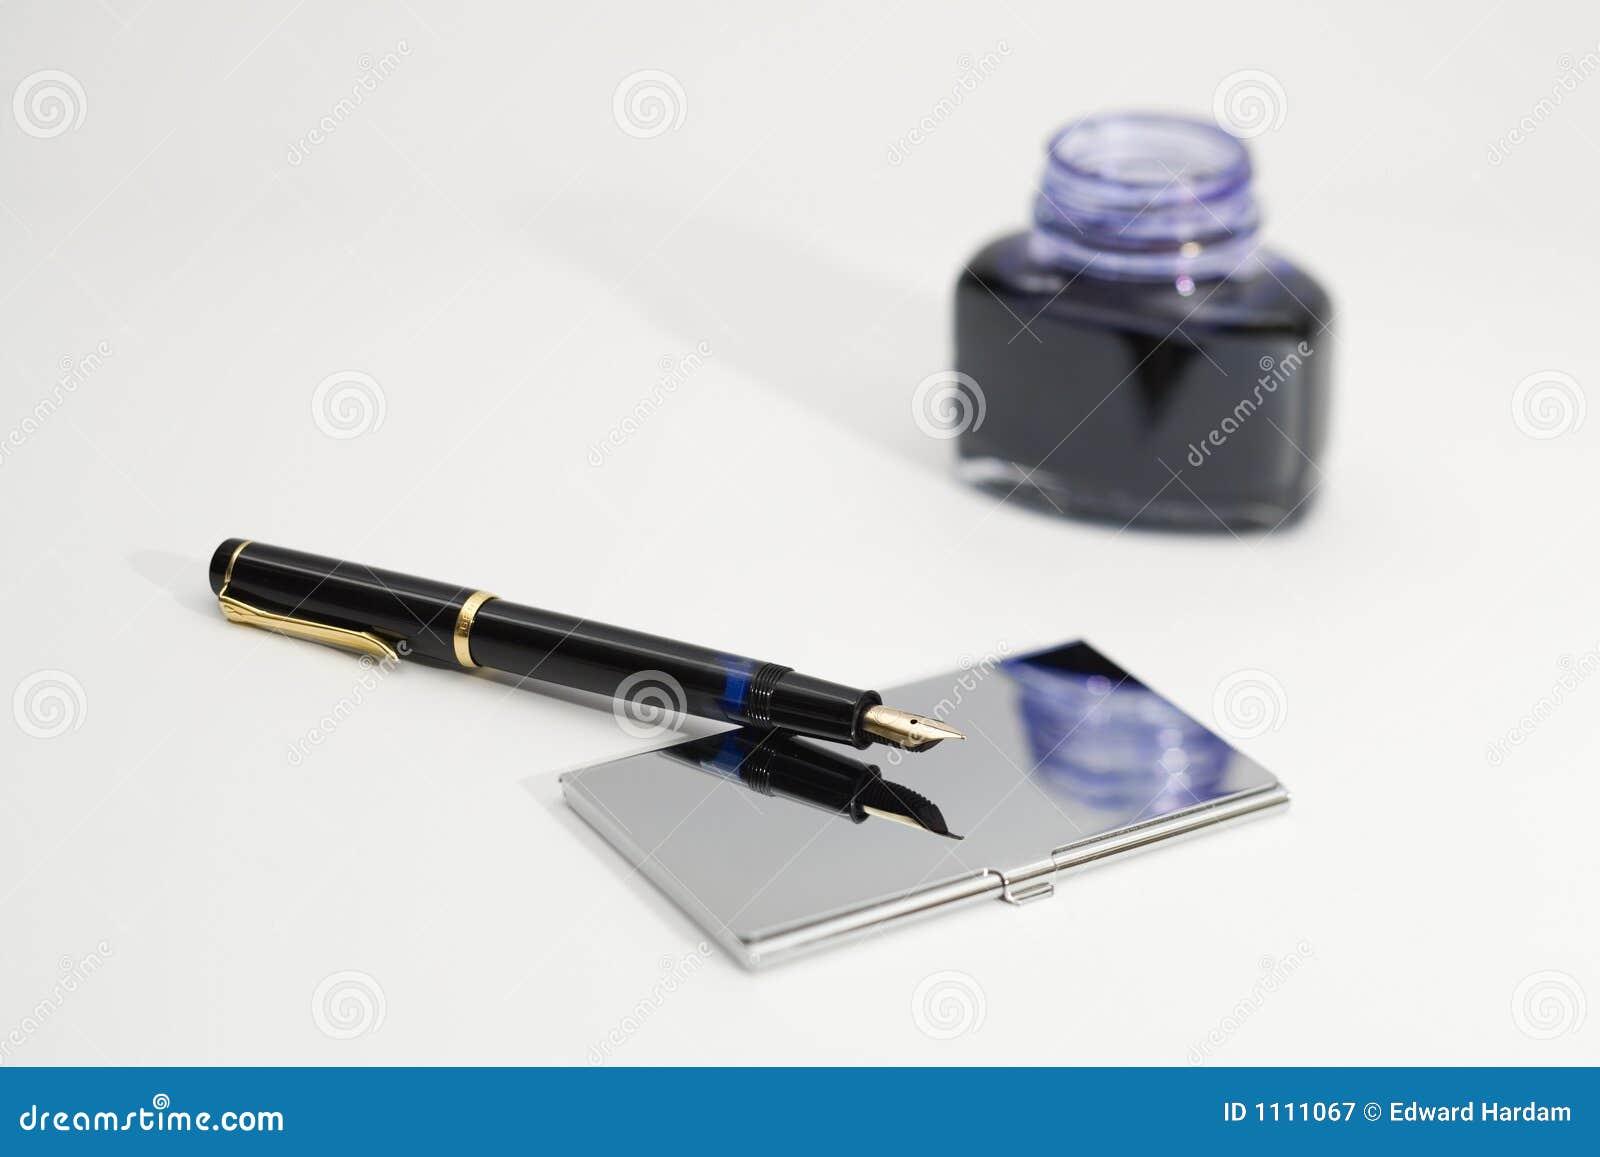 Travail de bureau photographie stock libre de droits image 1111067 for Photos gratuites travail bureau